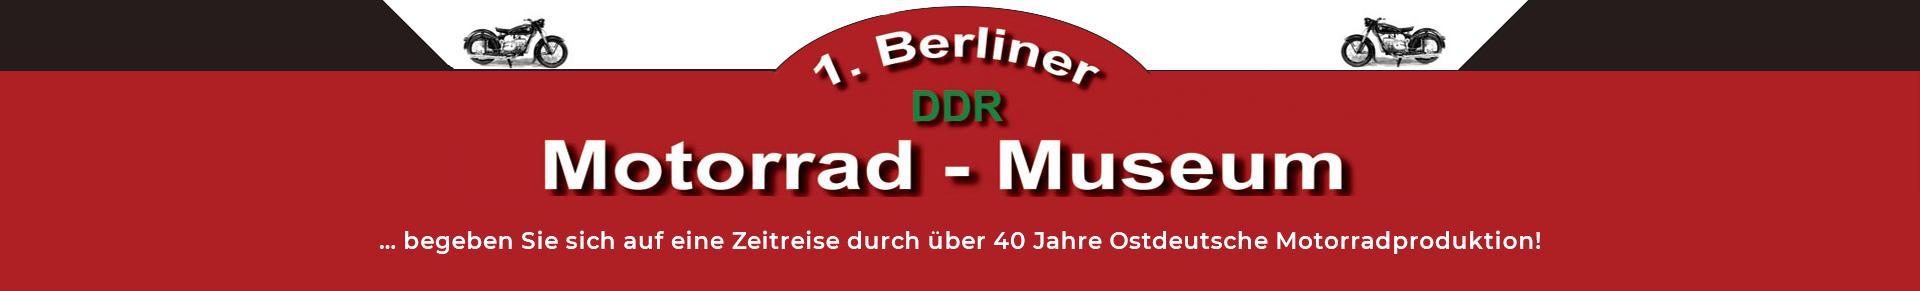 1.Berliner DDR Motorrad Museum